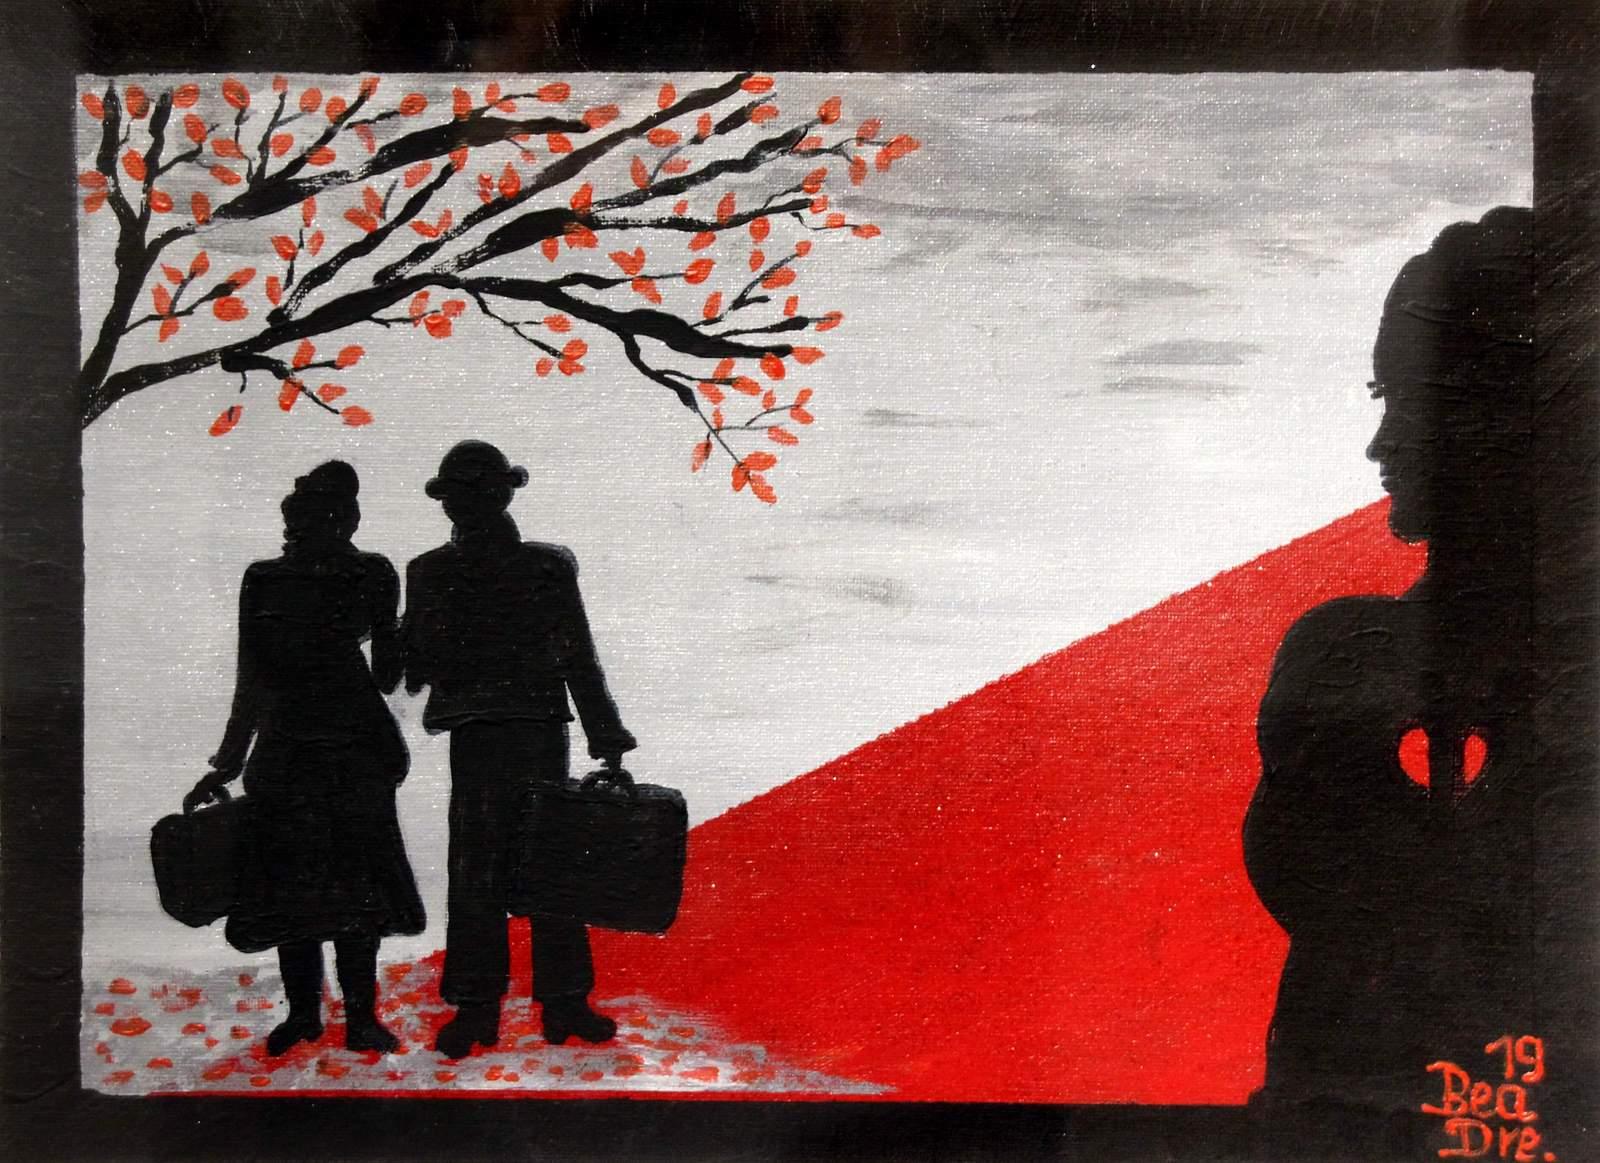 Liebe und Leid (1), Trilogie, Acrylfarbe, 40 x 50 cm, 2019